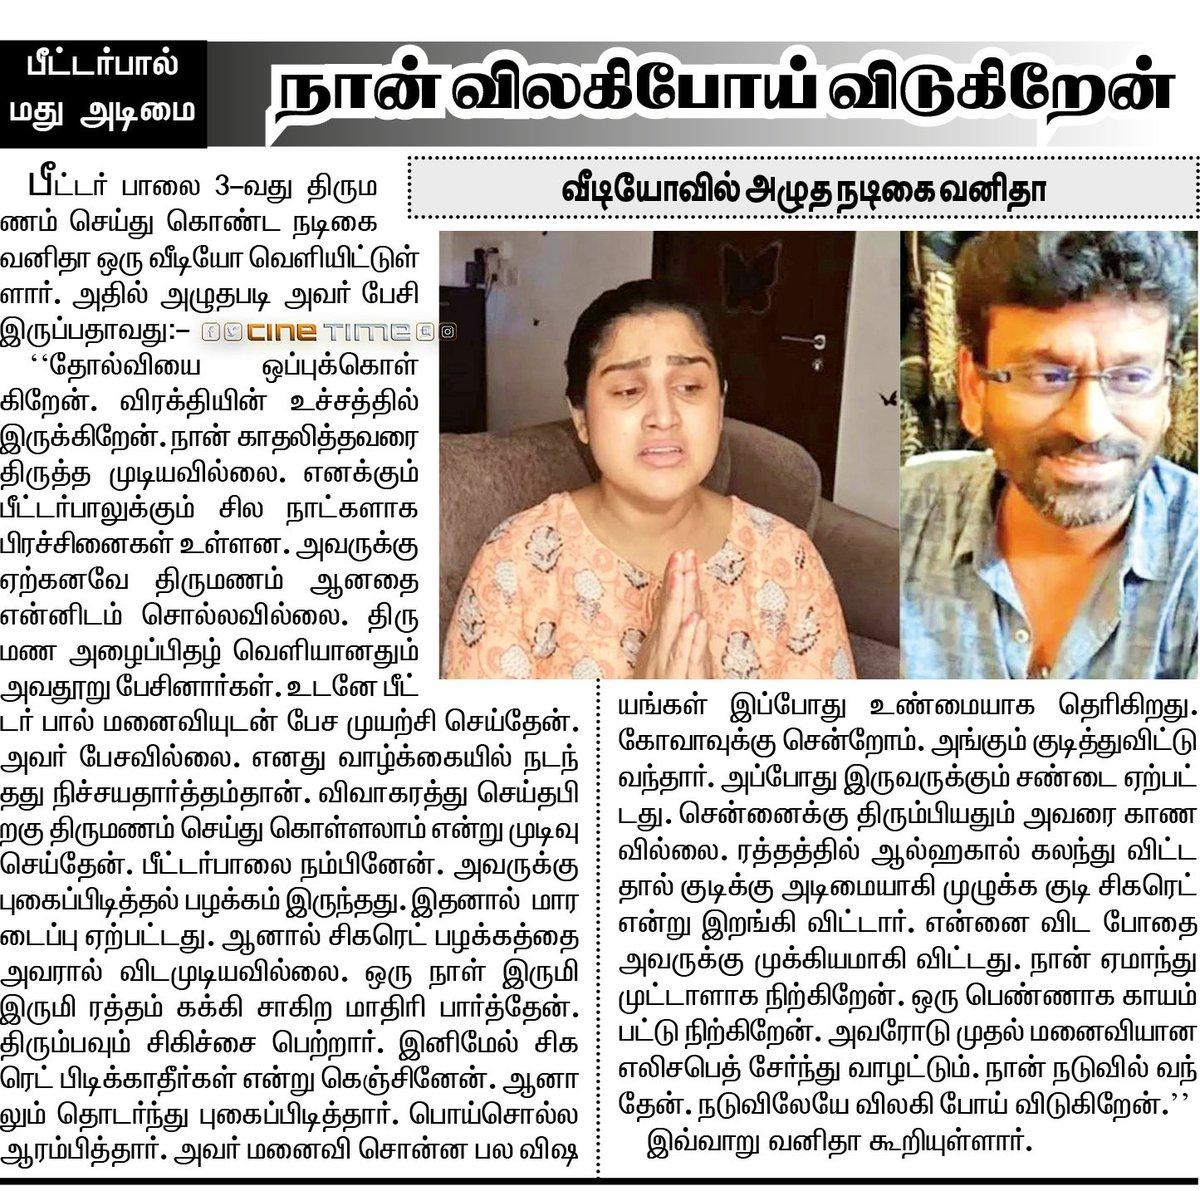 நான் விலகிபோய் விடுகிறேன் ! #VanithaVijayakumar ! #CineTimee ! https://t.co/FuG993tqxn